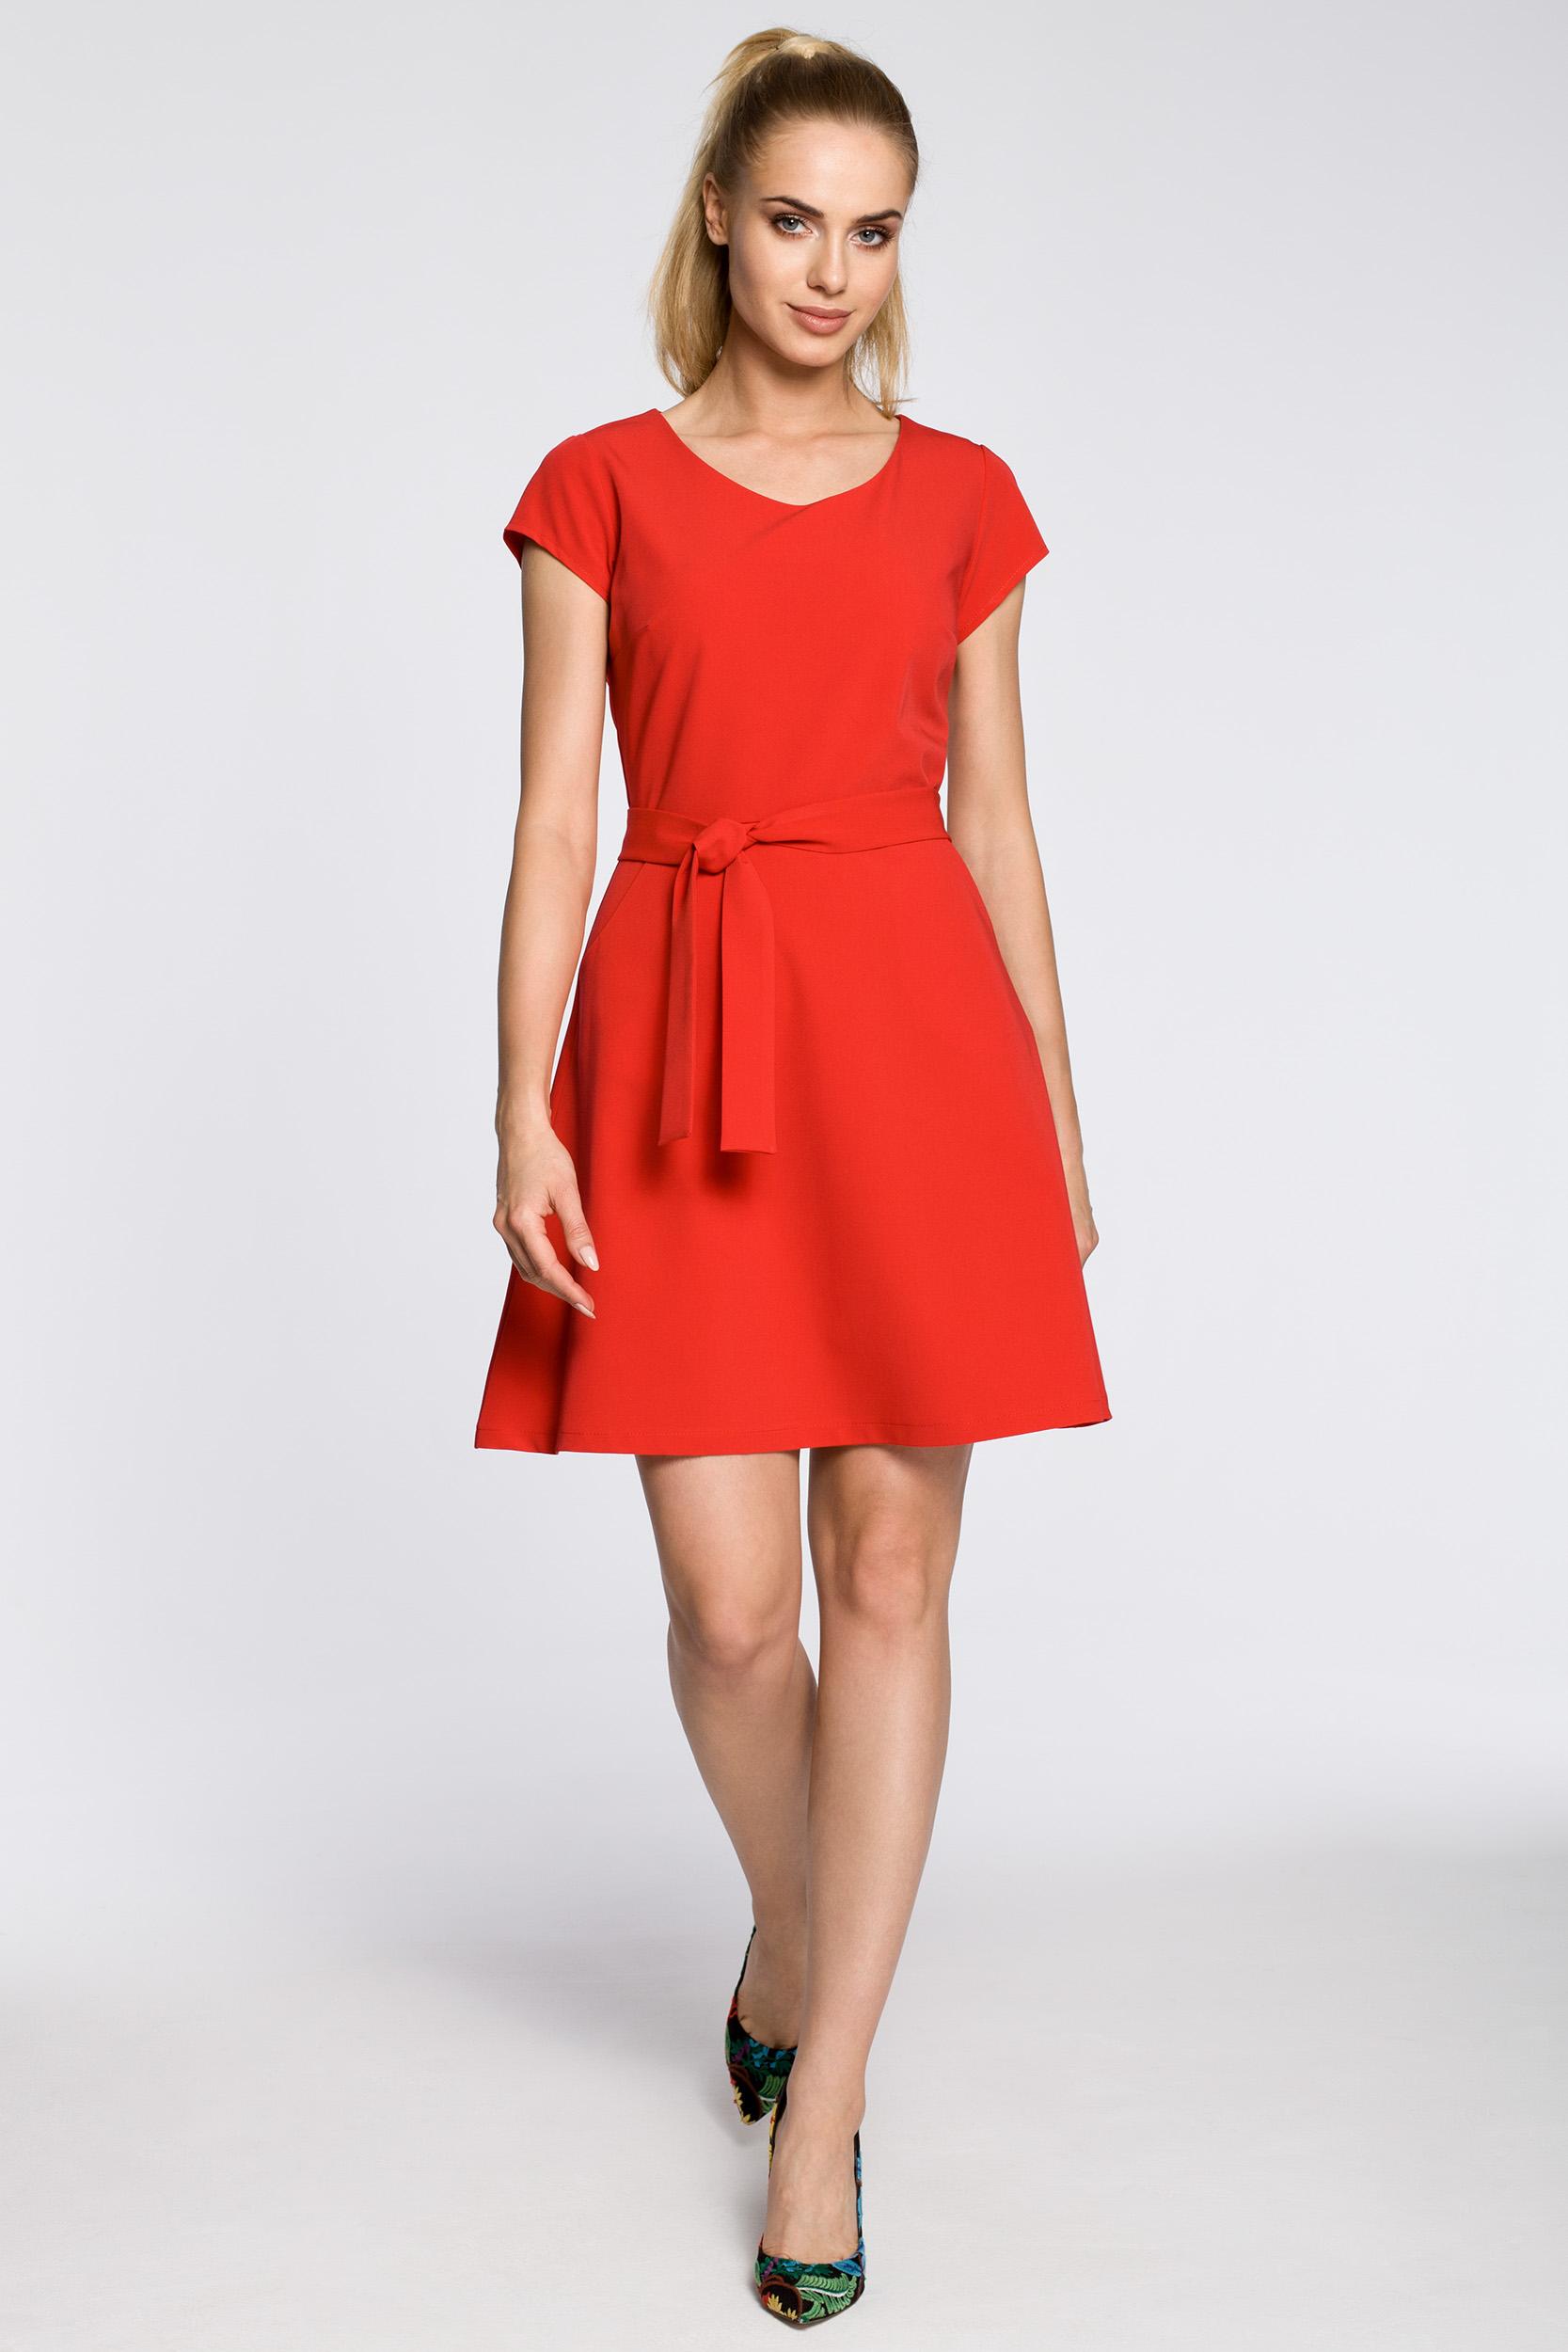 CM2461 Klasyczna szmizjerka na wesele - czerwona